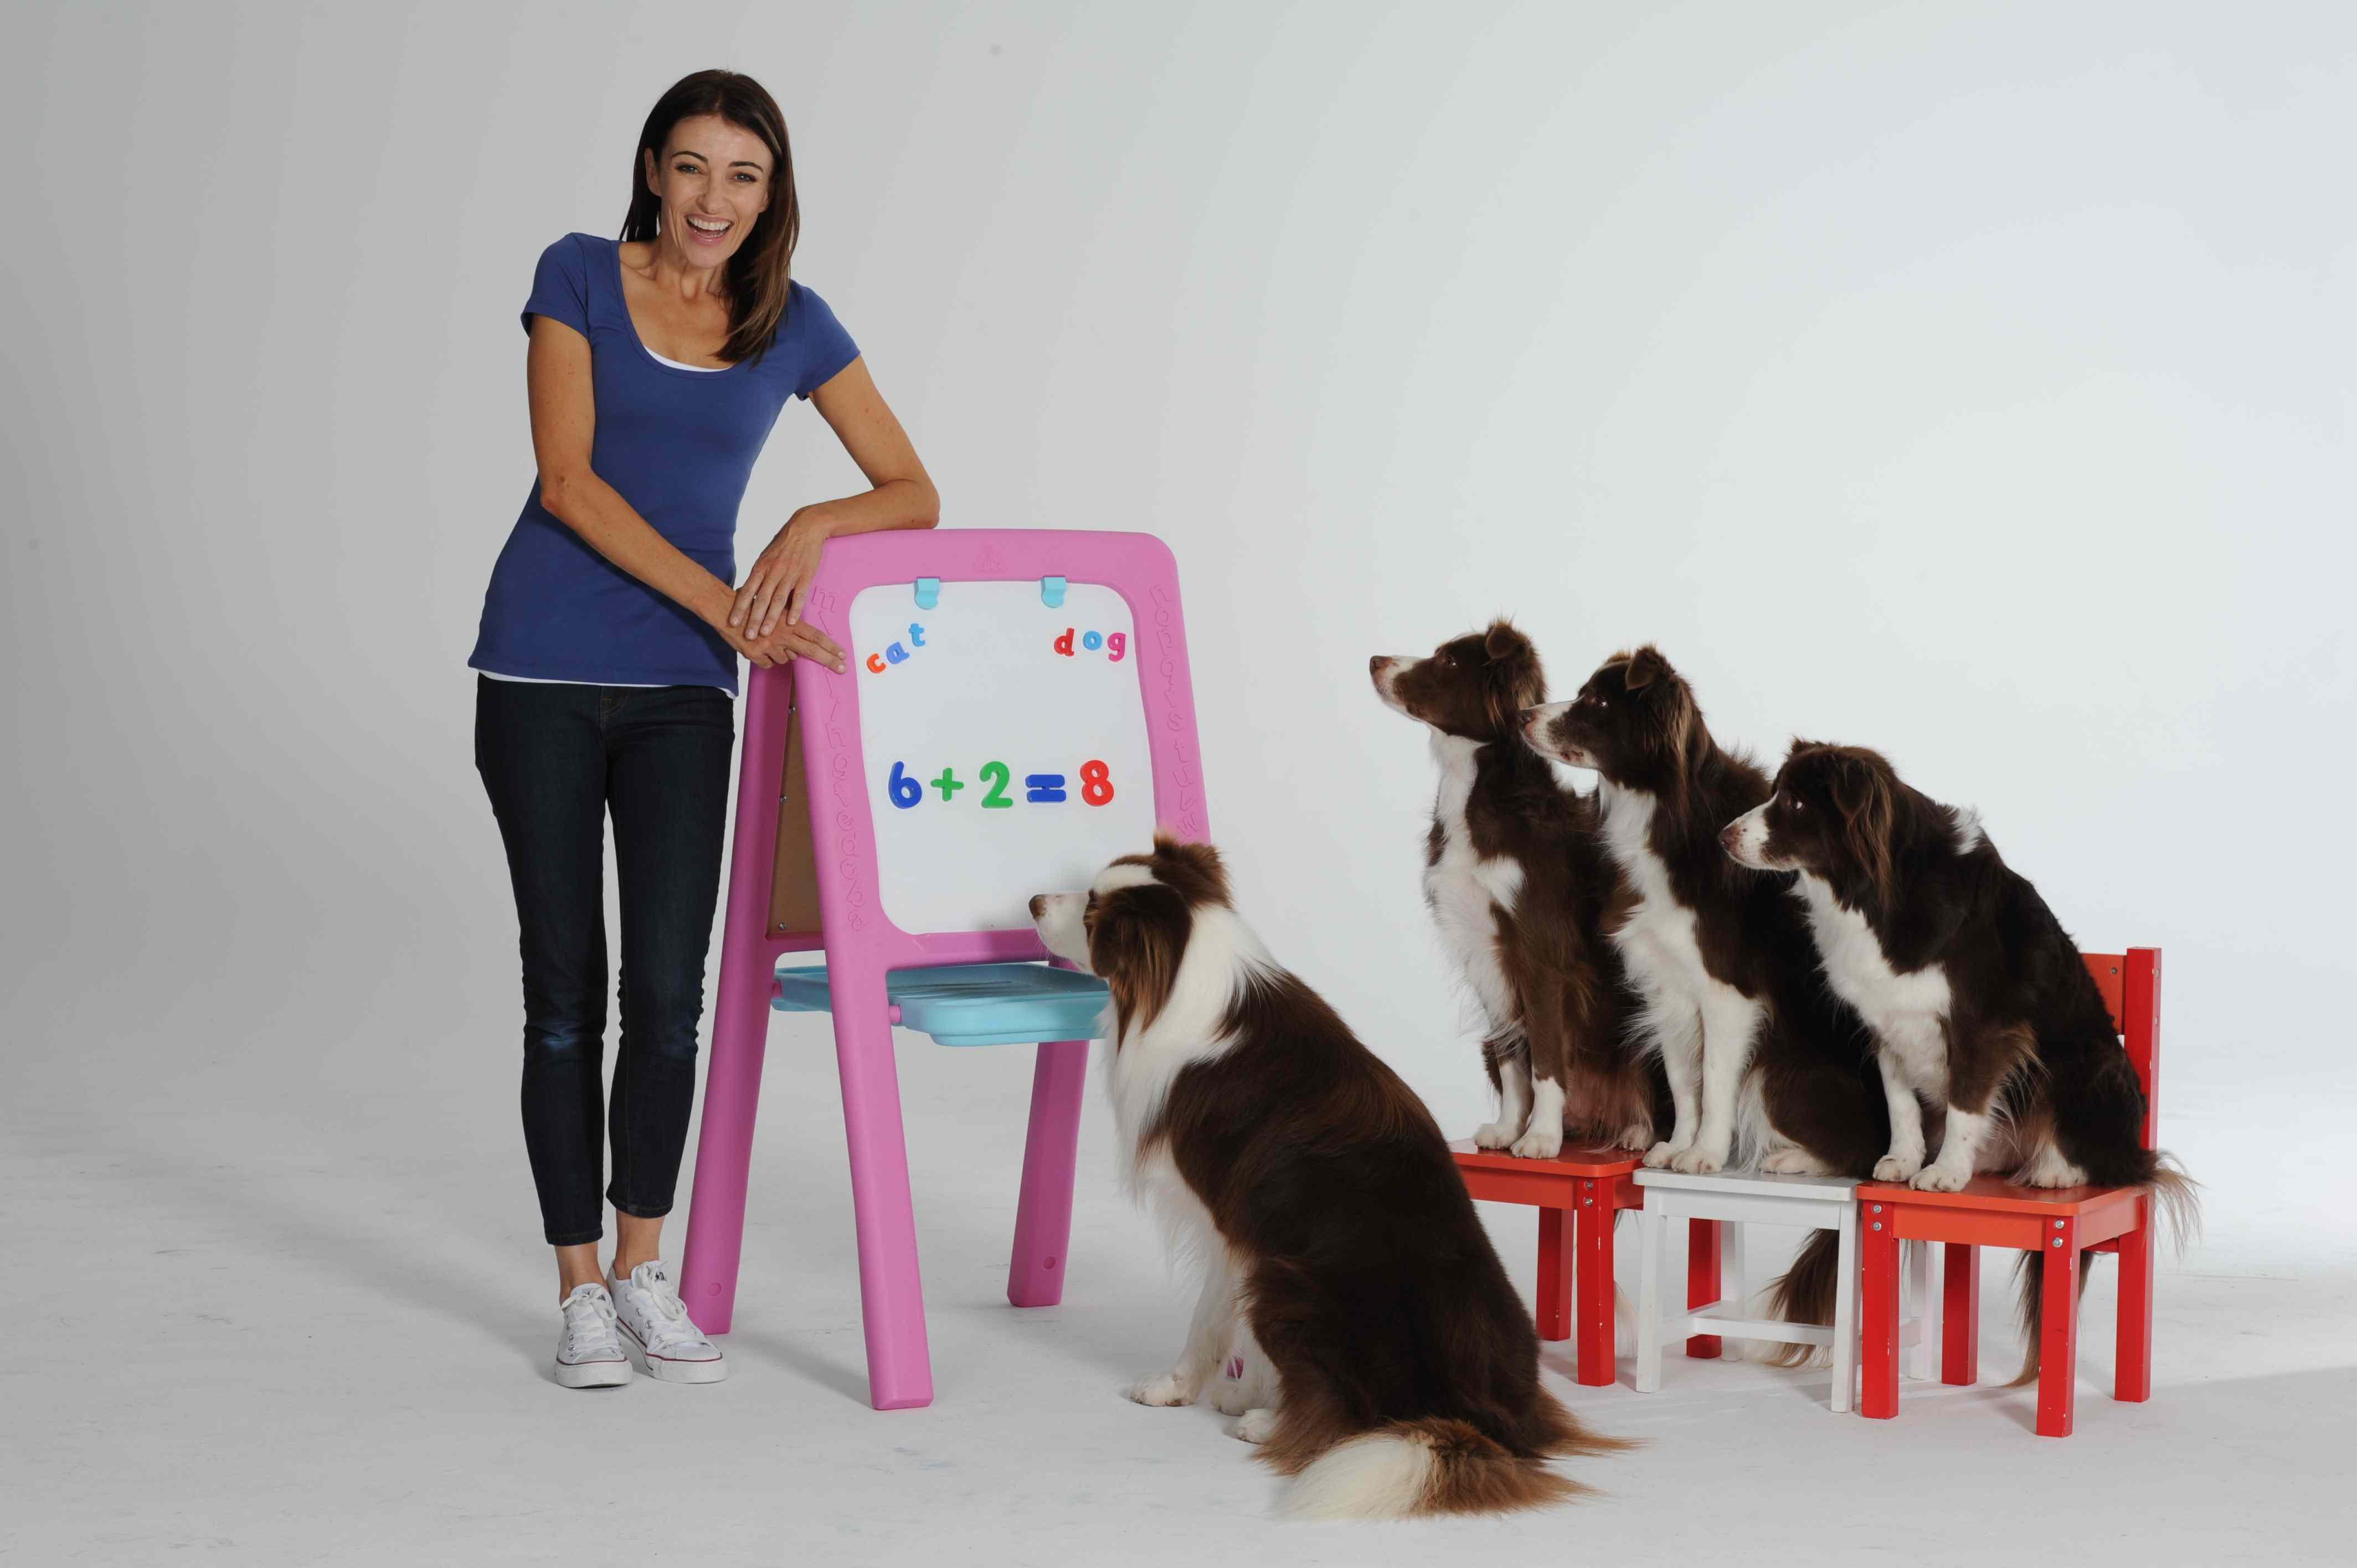 Dr Katrina's Top 5 Tips to Make Your Dog Smarter